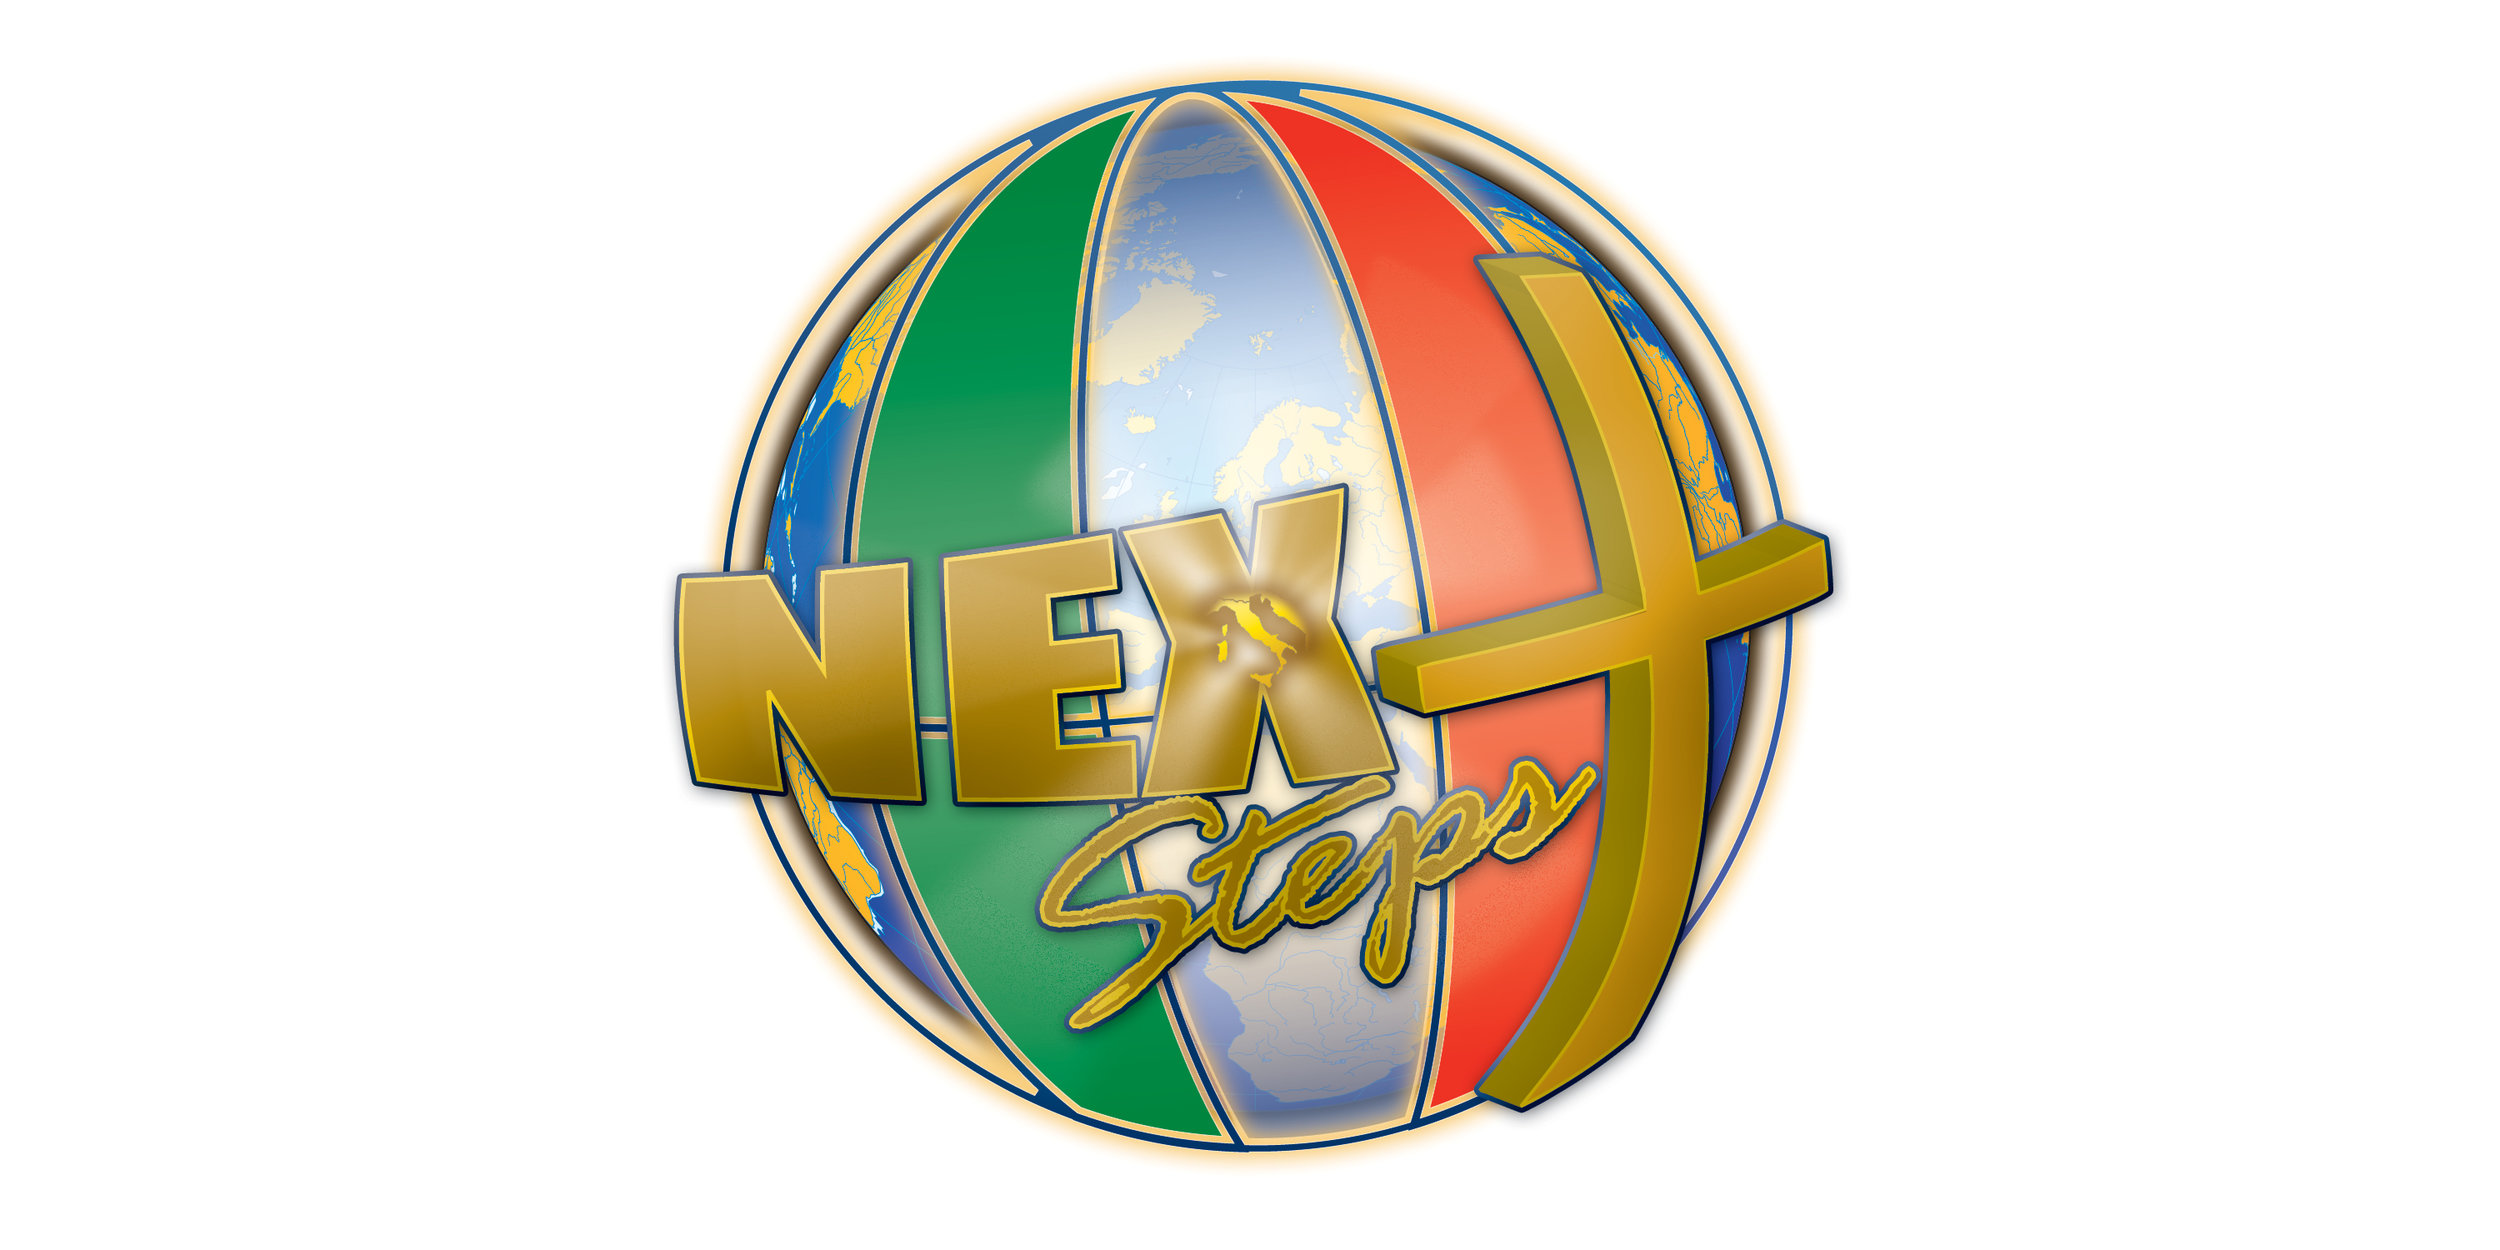 Next Steps Logo(16x9).jpg